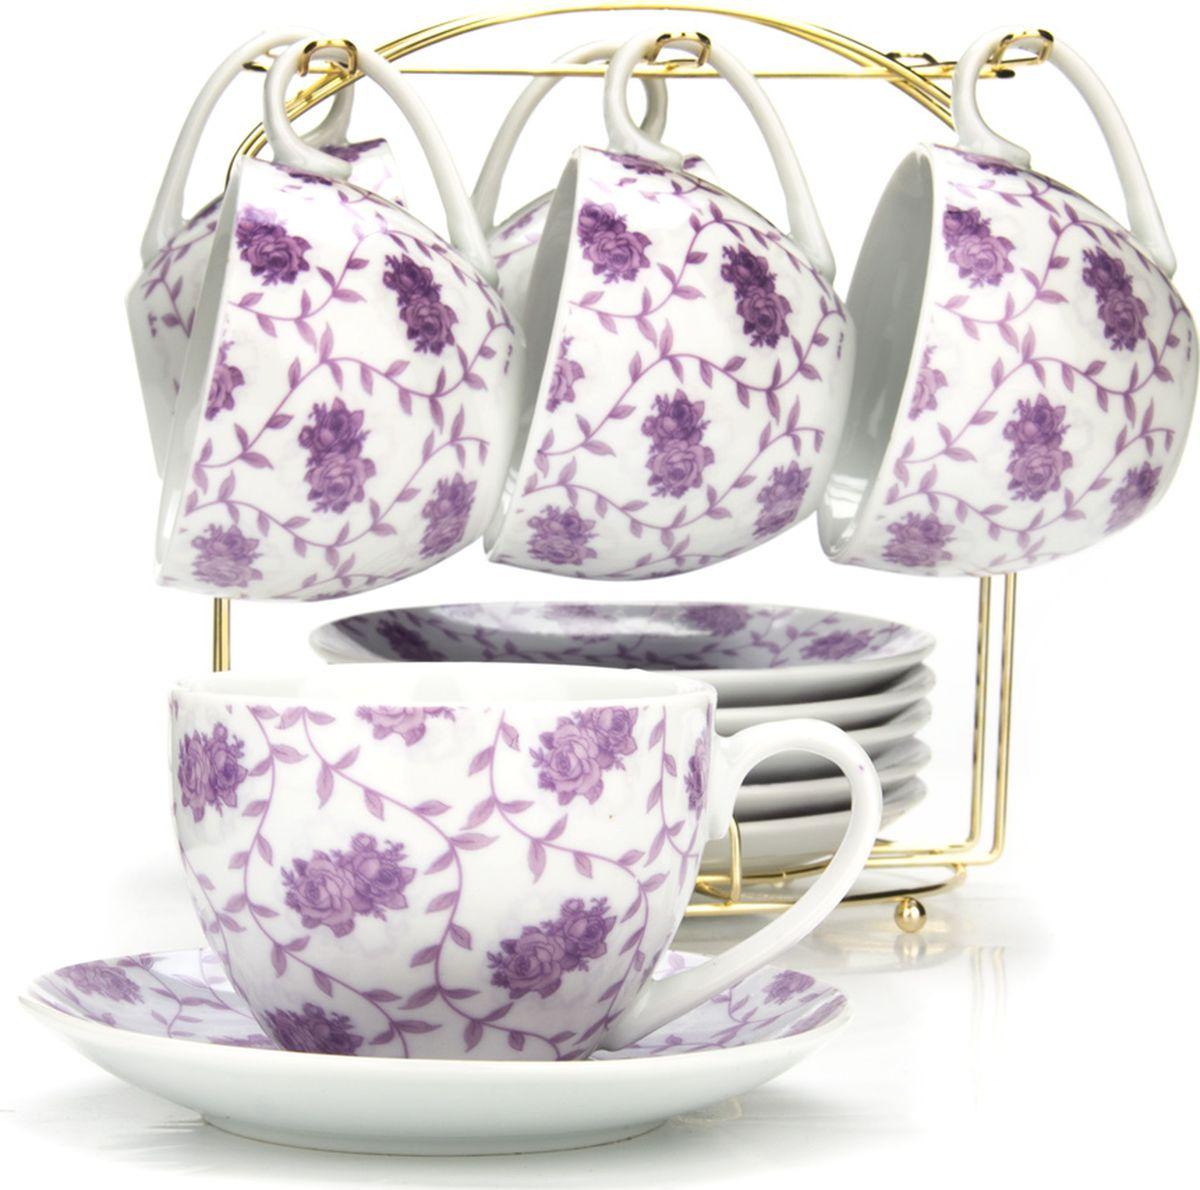 Сервиз чайный Loraine, на подставке, 13 предметов. 43290 набор для специй на подставке кухня в стиле кантри